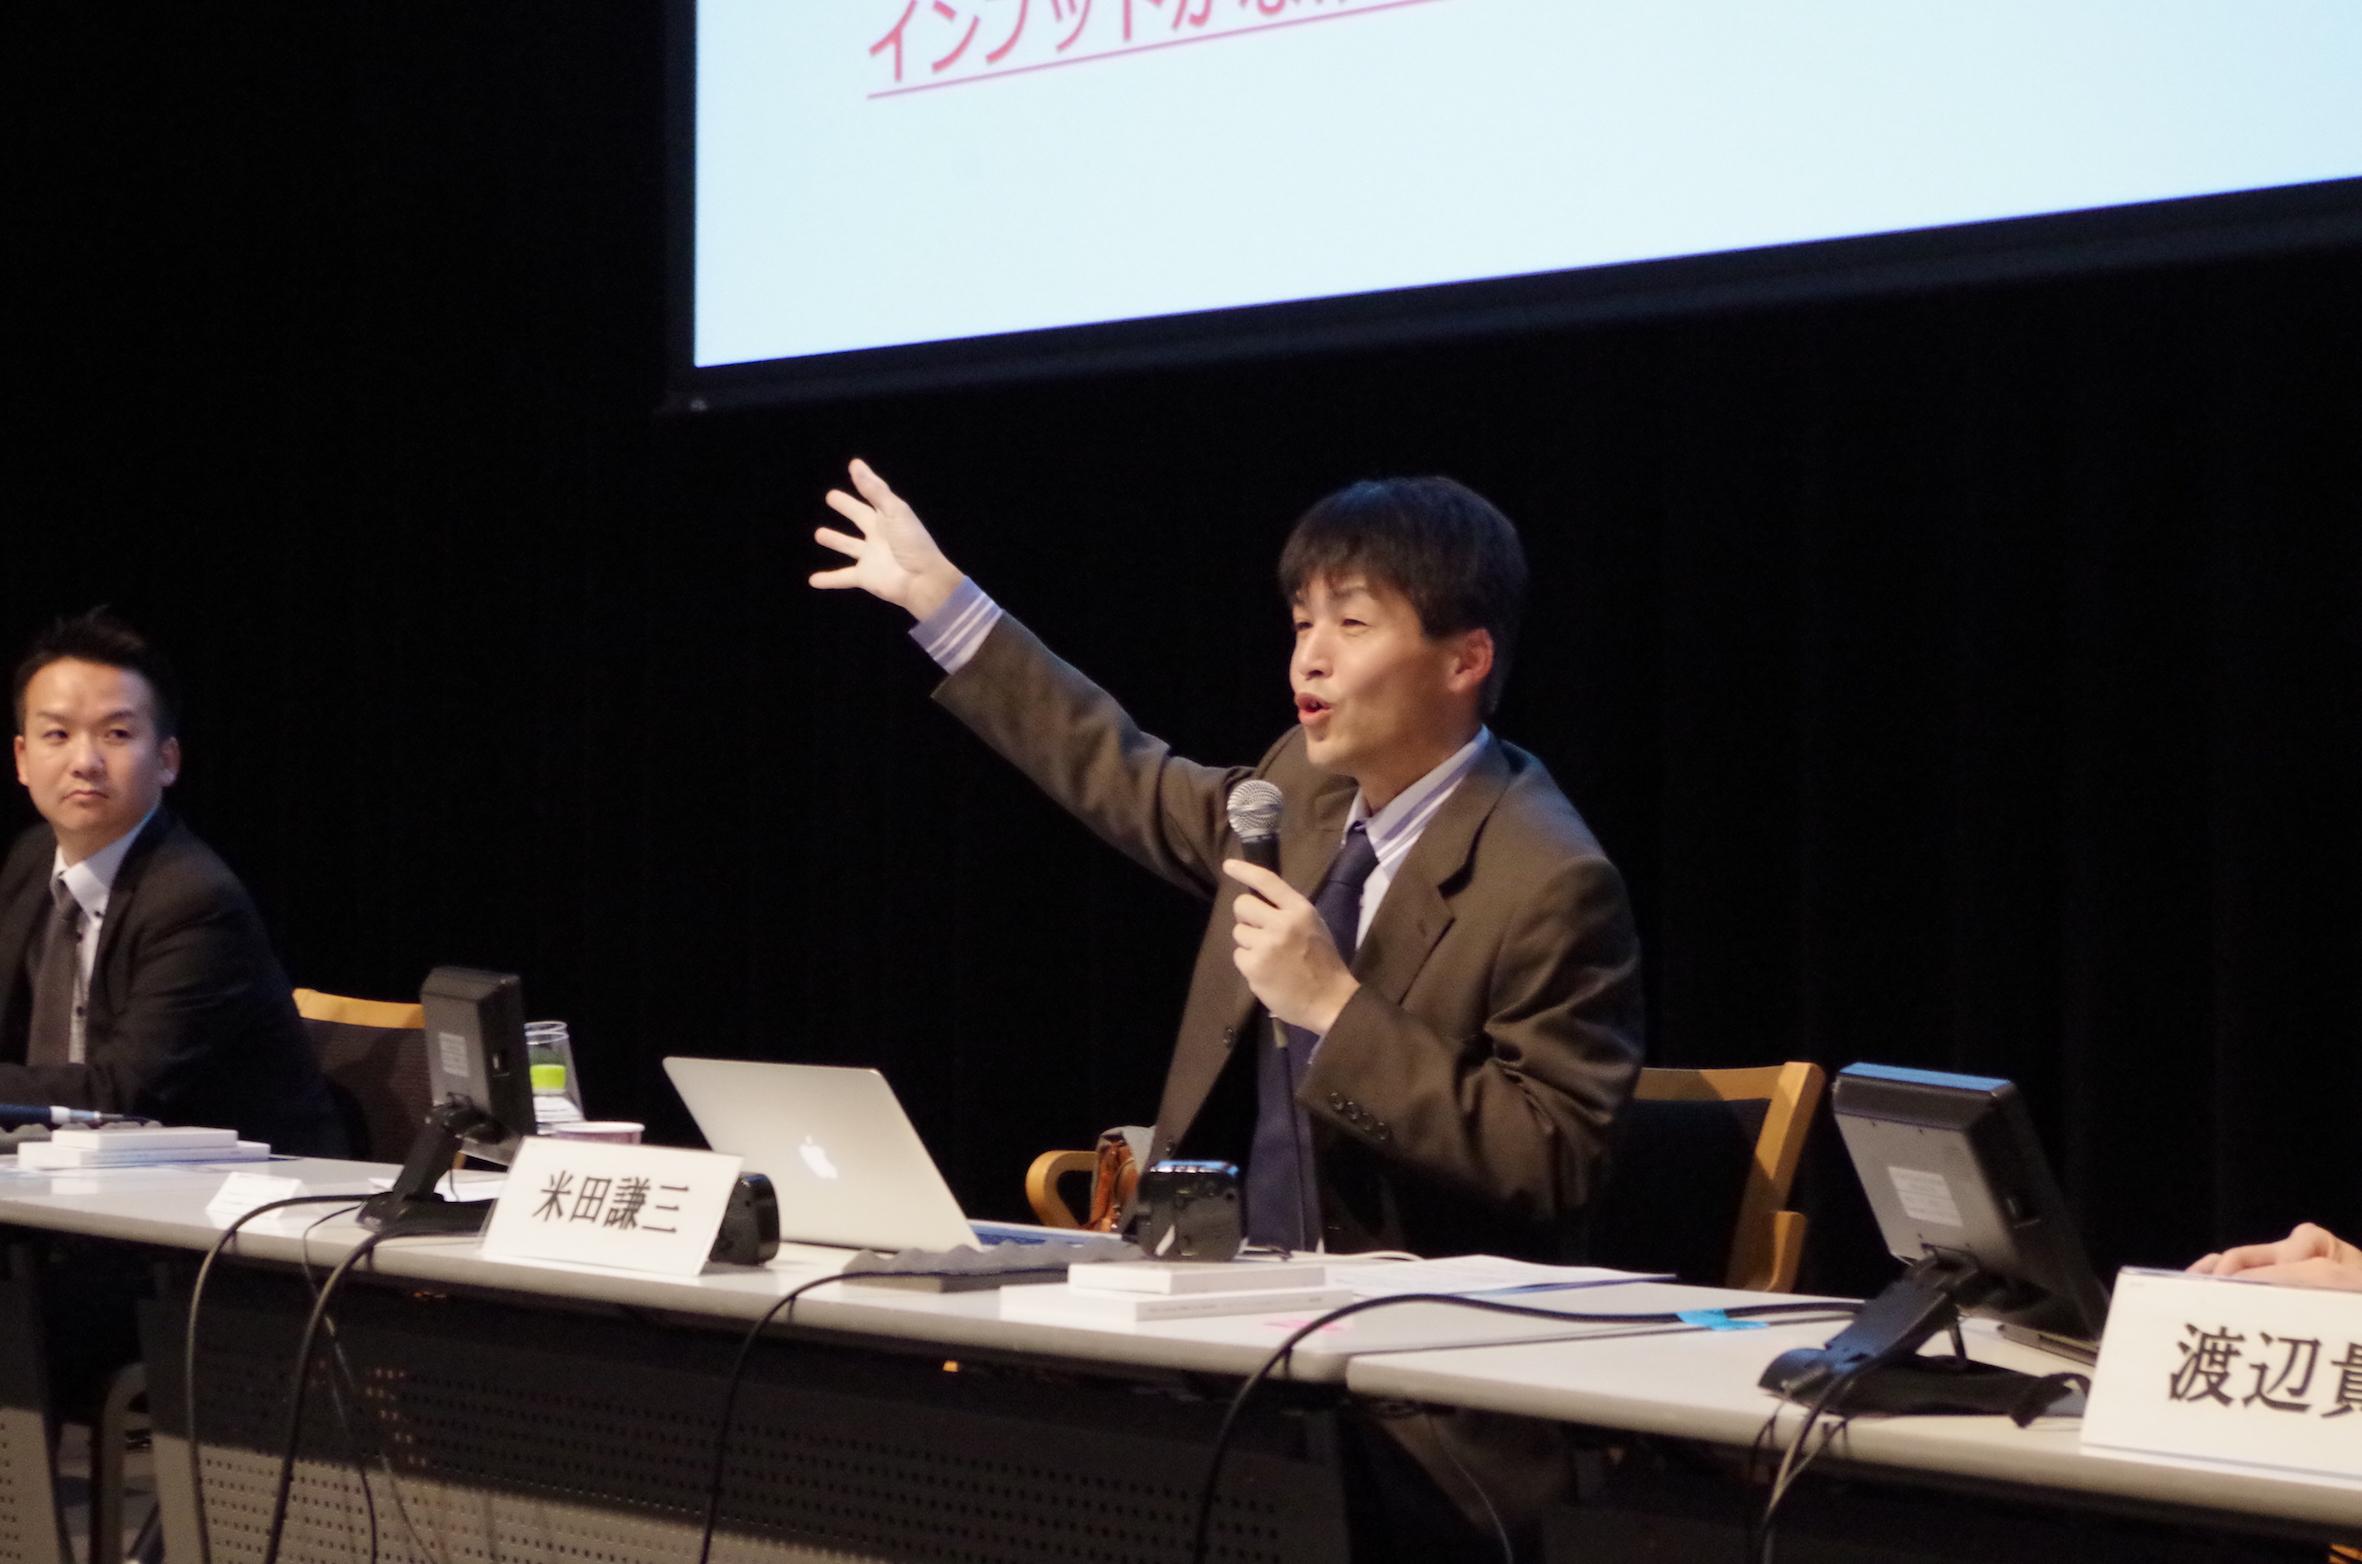 米田さんが教育現場における成功例を語る